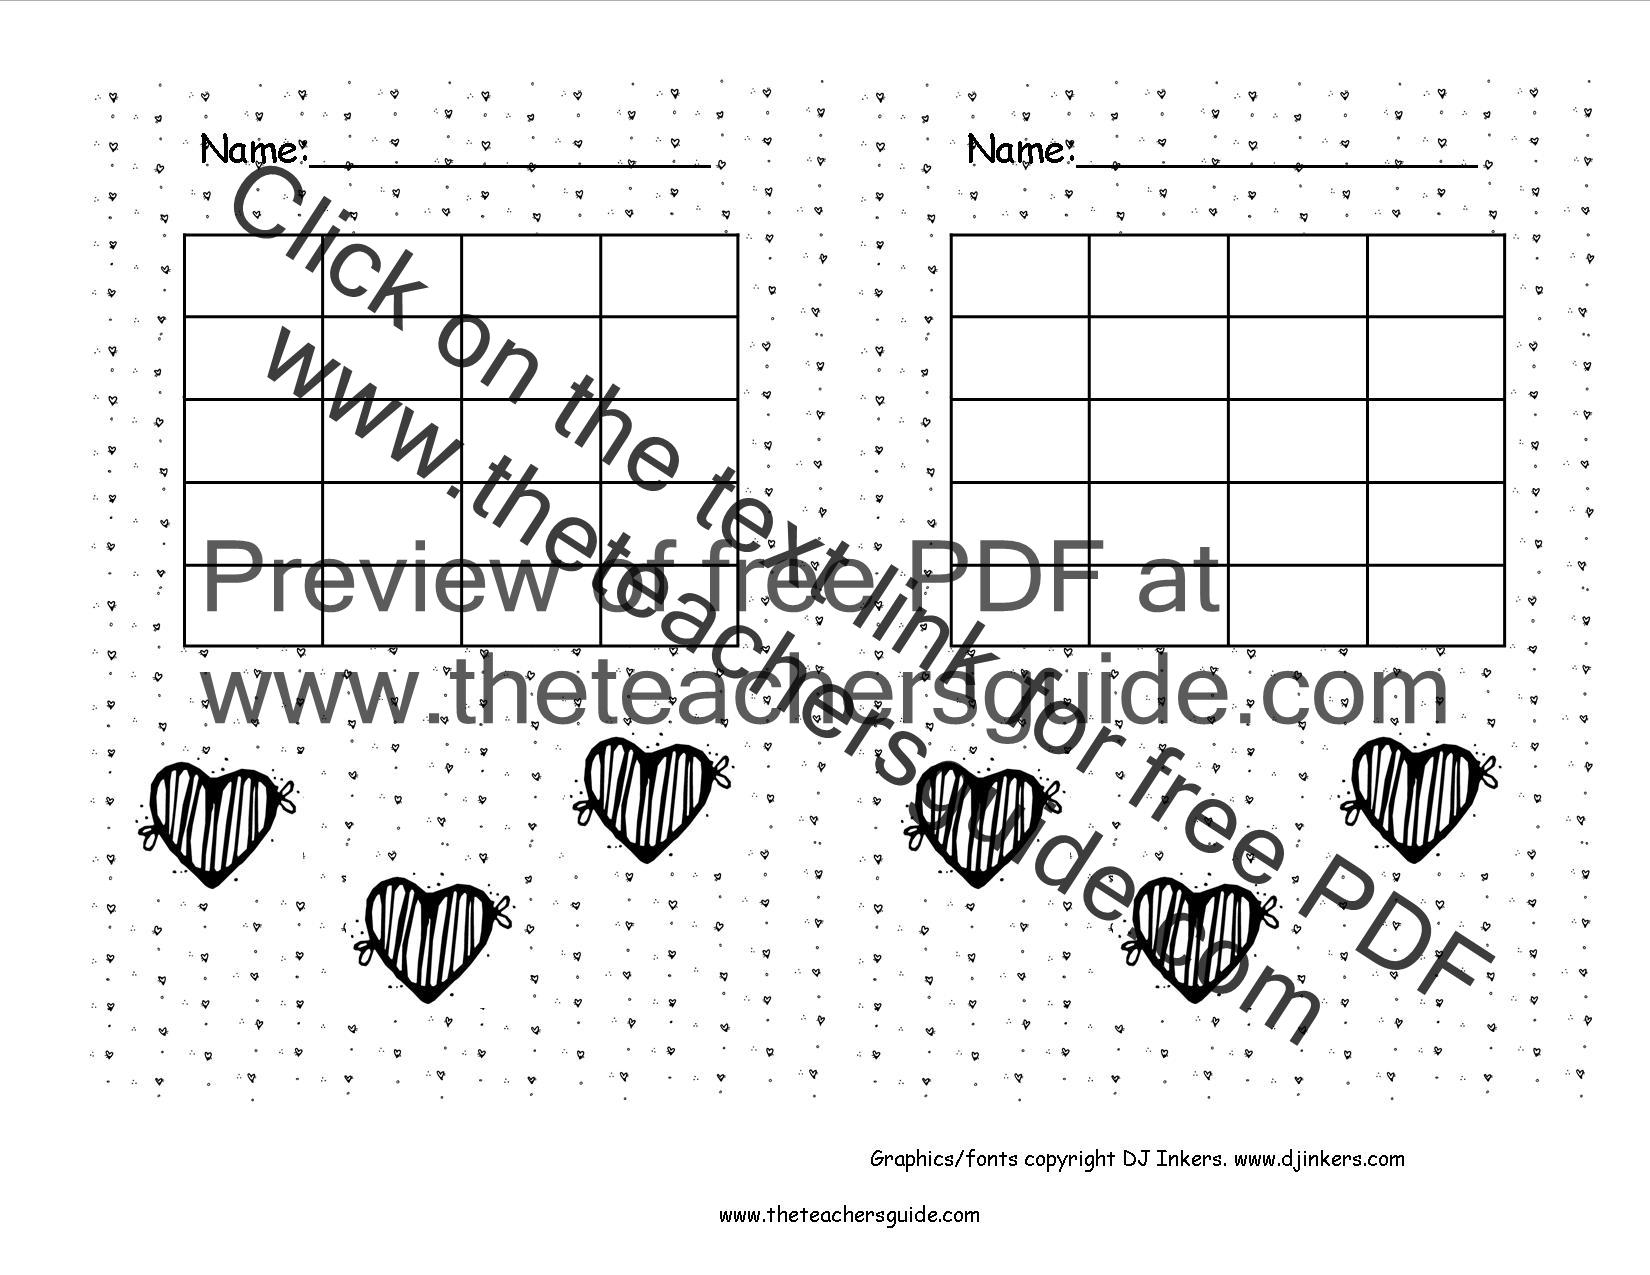 Free Printable Reward and Incentive Charts – Blank Reward Chart